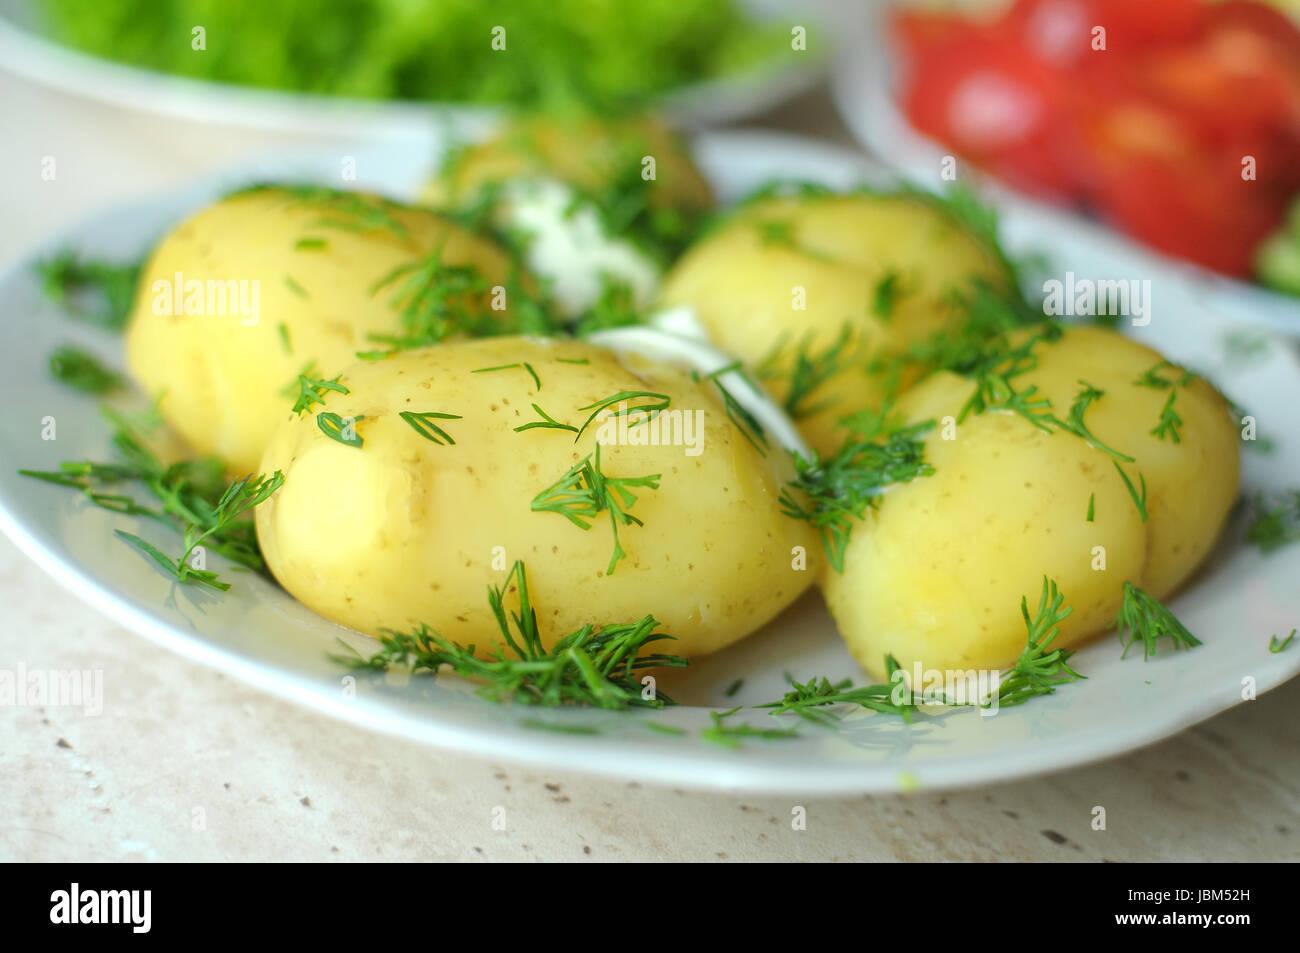 Verduras orgánicas frescas y patatas hervidas en los platos en la mesa de madera. Cerca, el enfoque selectivo. Imagen De Stock